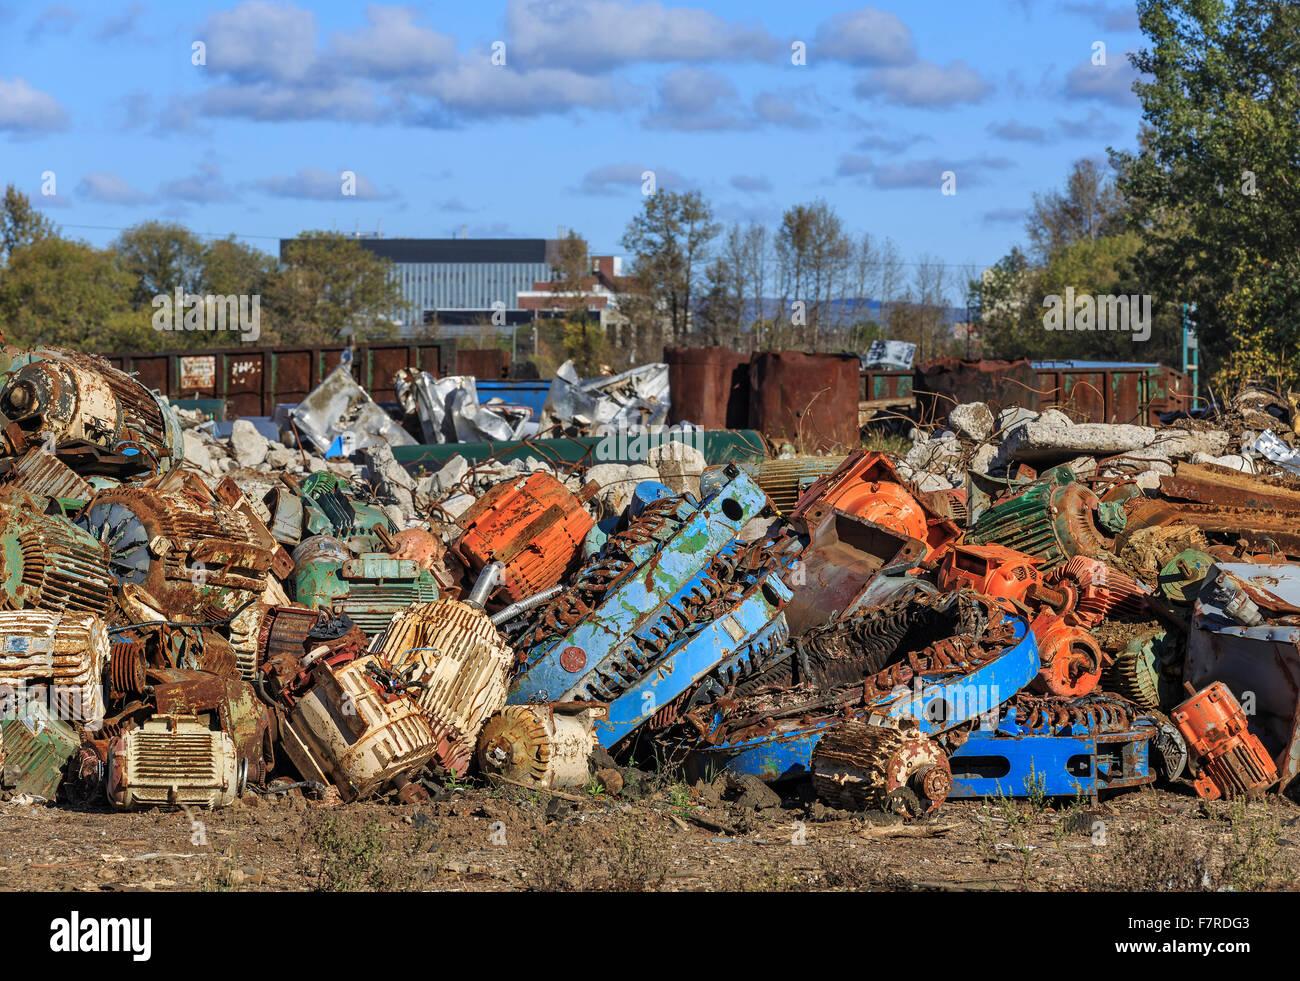 Montón de chatarra de metal reciclado, Thunder Bay, Ontario, Canadá. Imagen De Stock